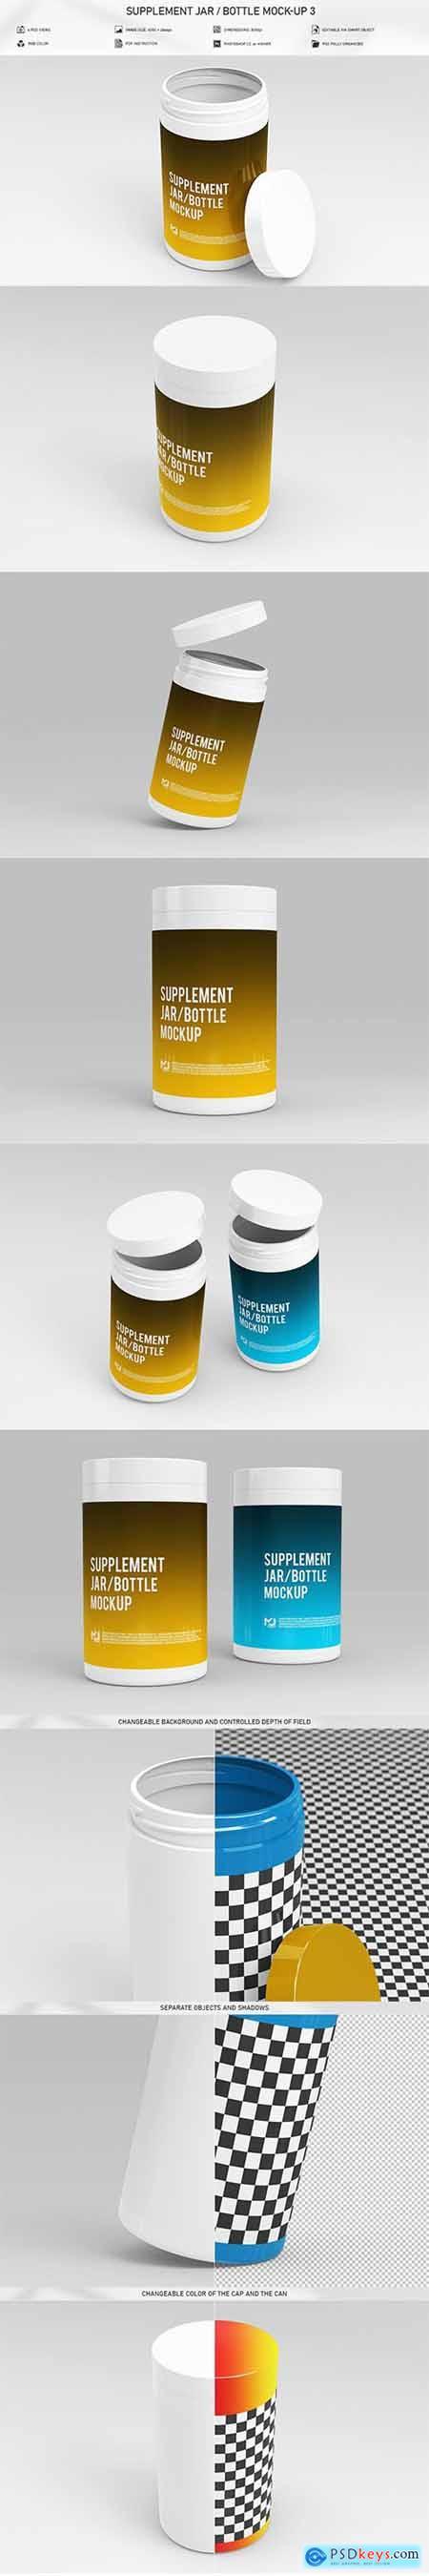 Supplement Jar - Bottle Mock-Up 3 5906977